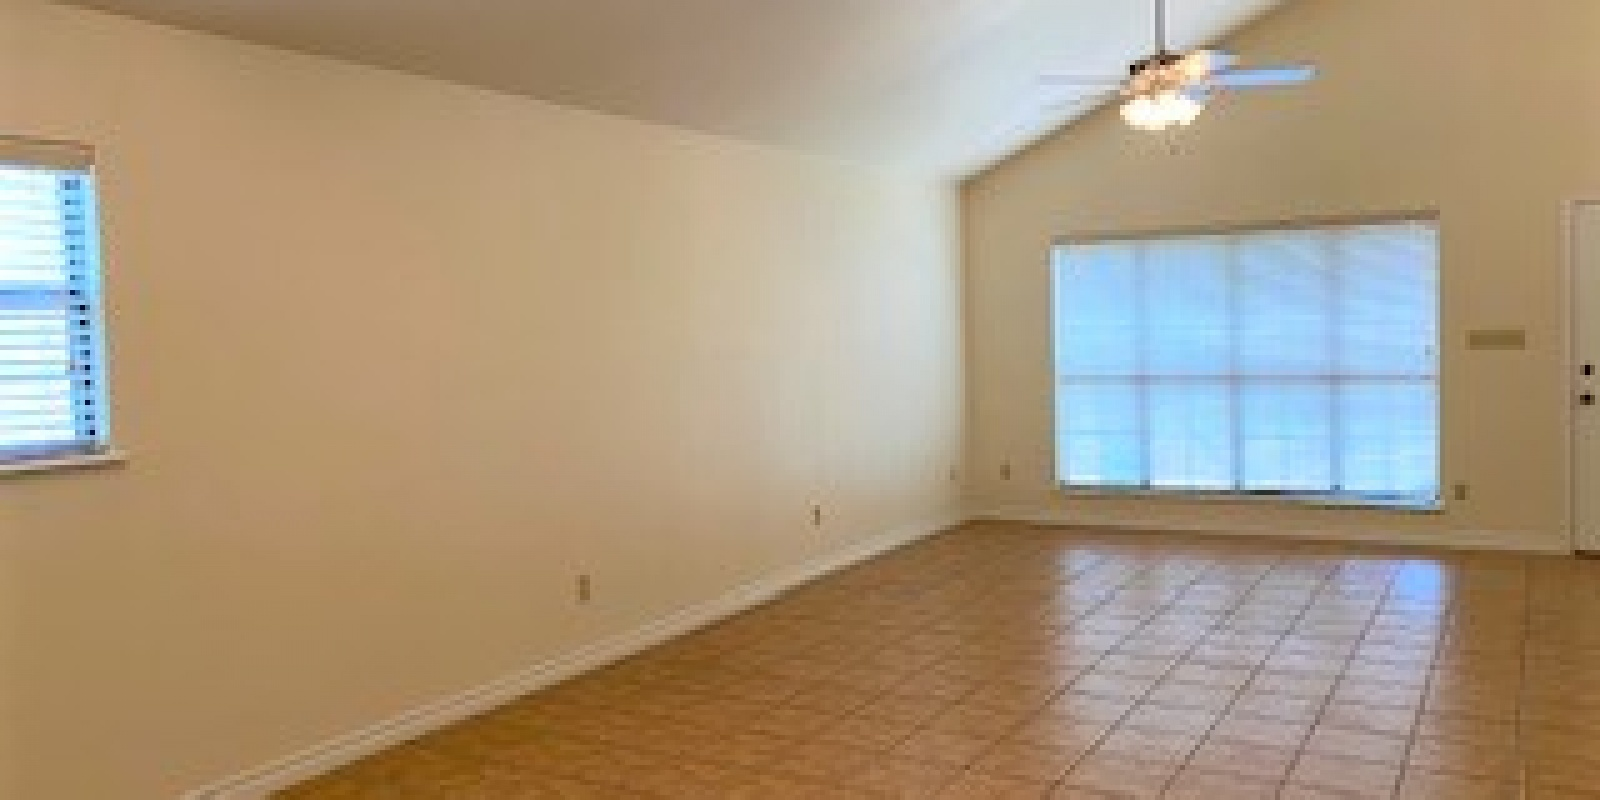 34 Leona Heights, Uvalde, 78801, 2 Bedrooms Bedrooms, 6 Rooms Rooms,2 BathroomsBathrooms,Residential,Sold,Leona Heights,1,1112